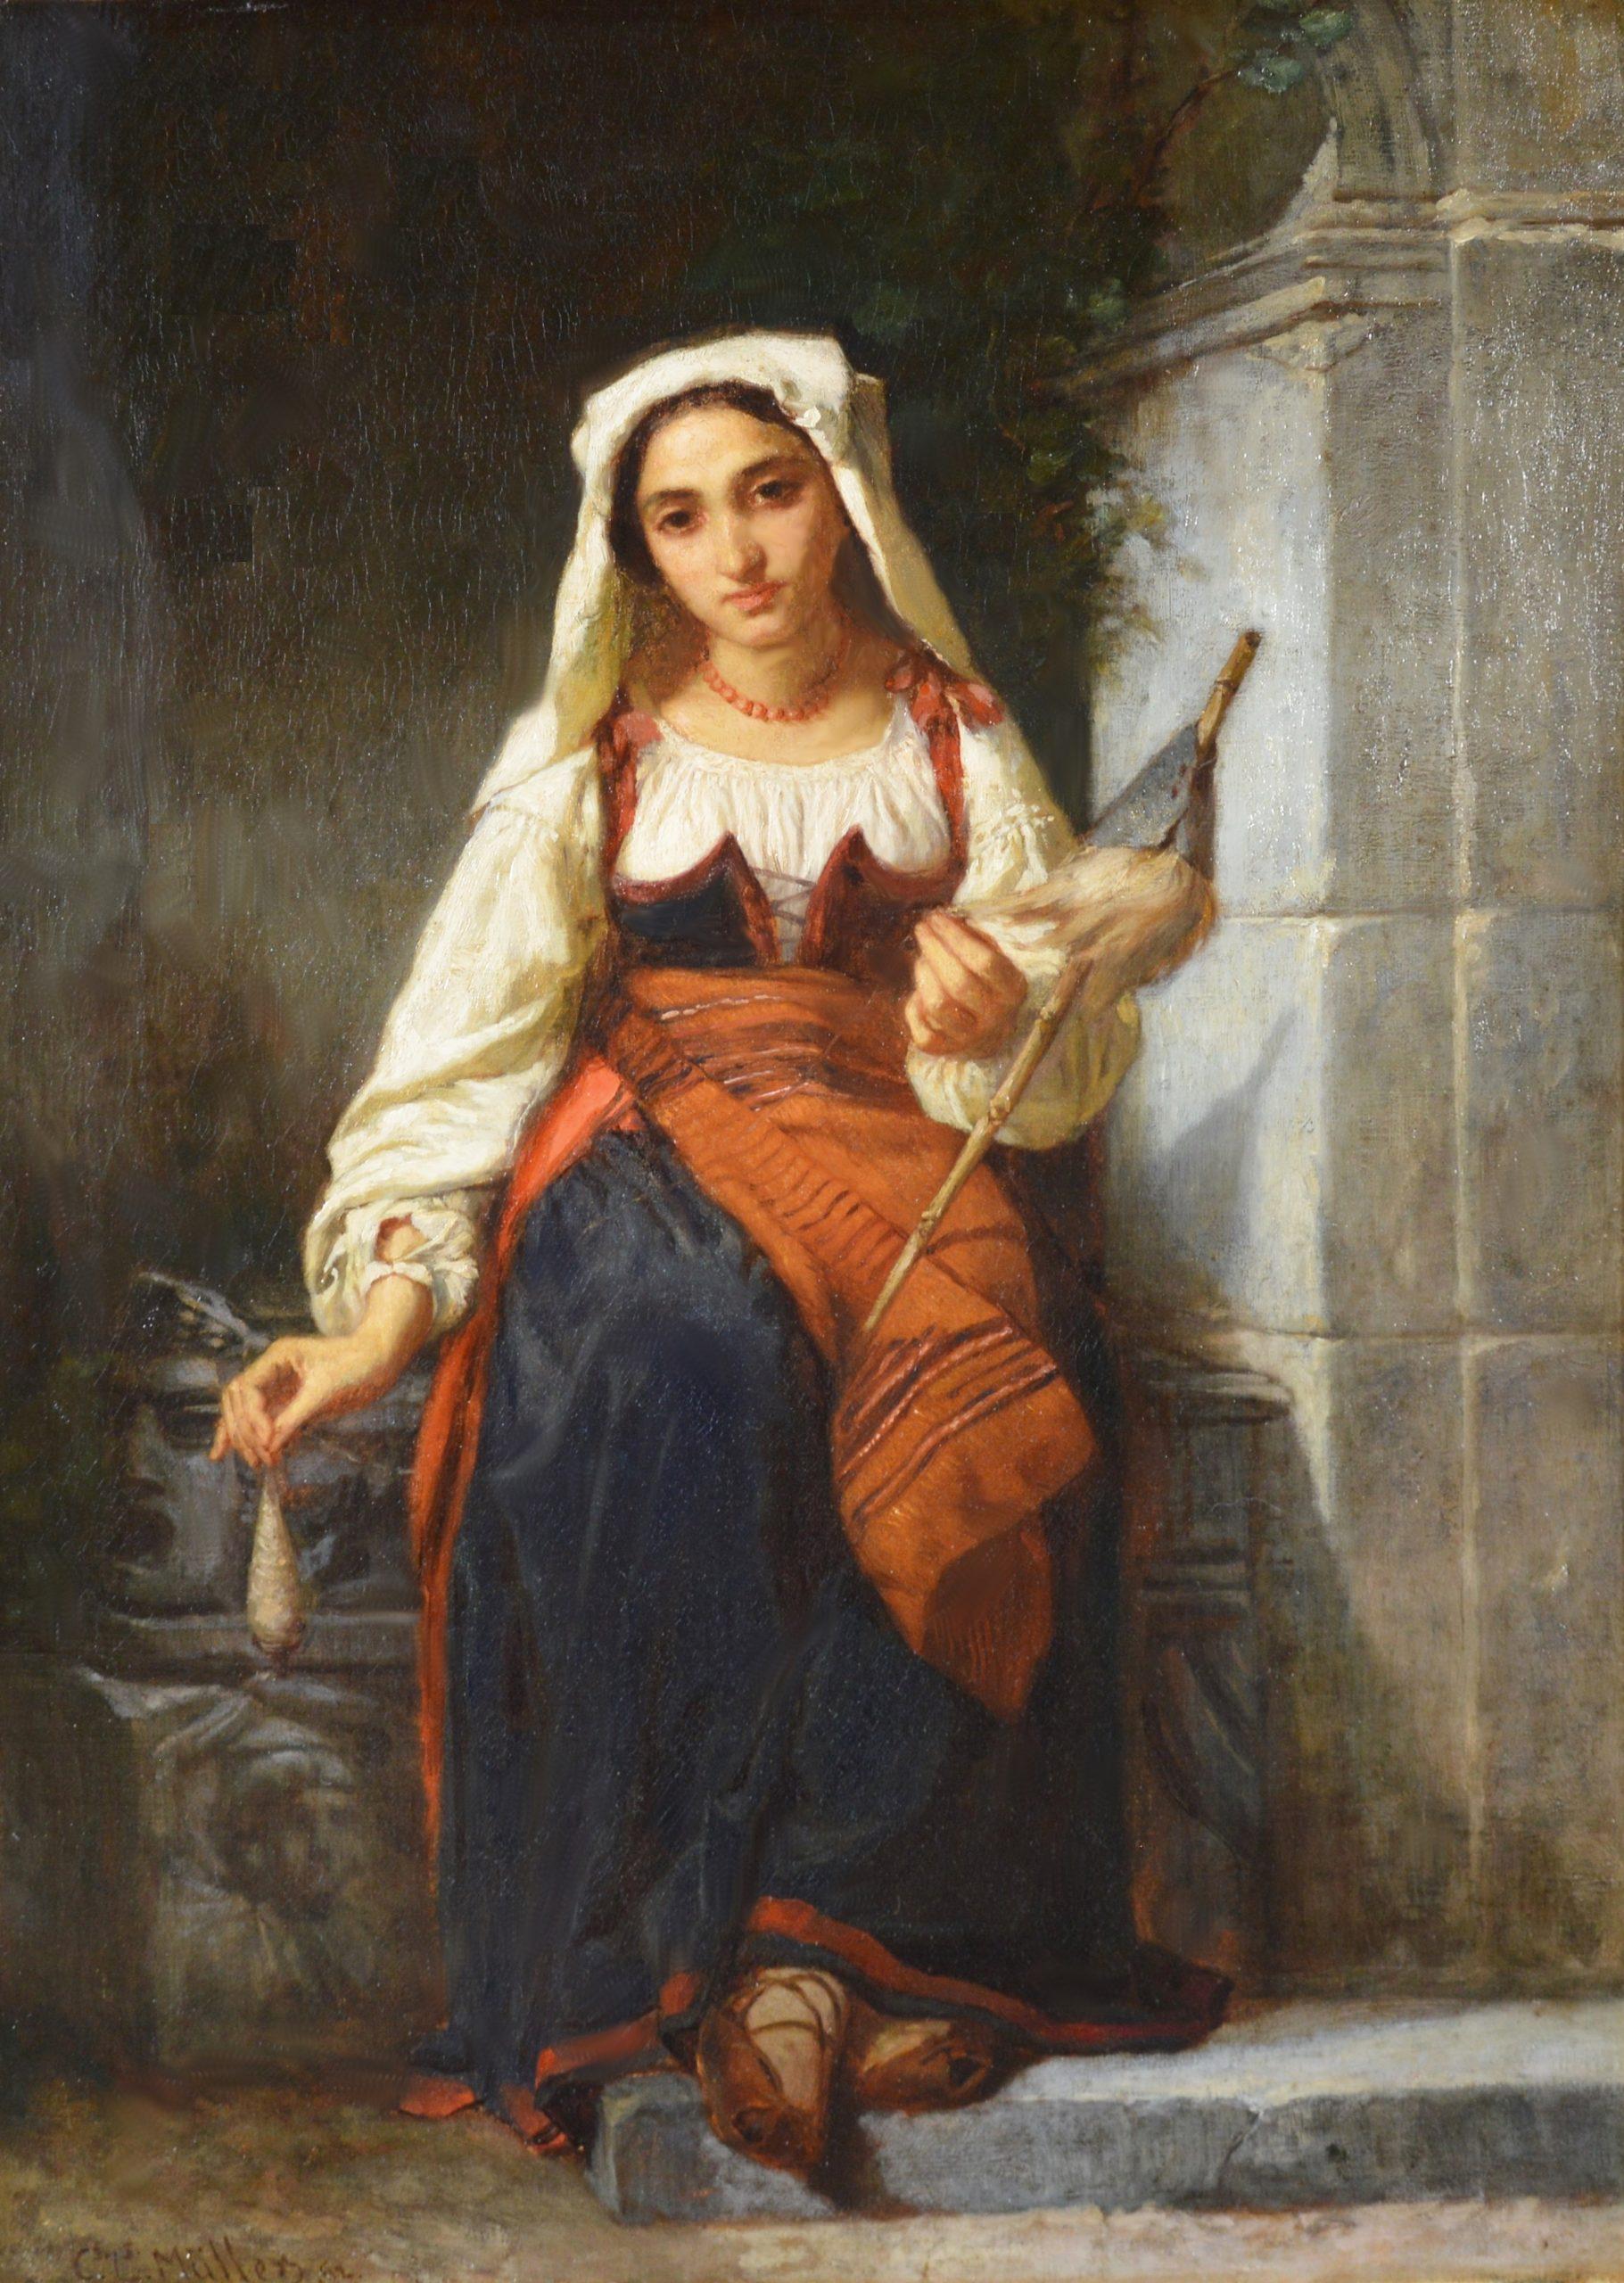 Une Fille de Filature - 19th Century French Portrait Oil Painting Image